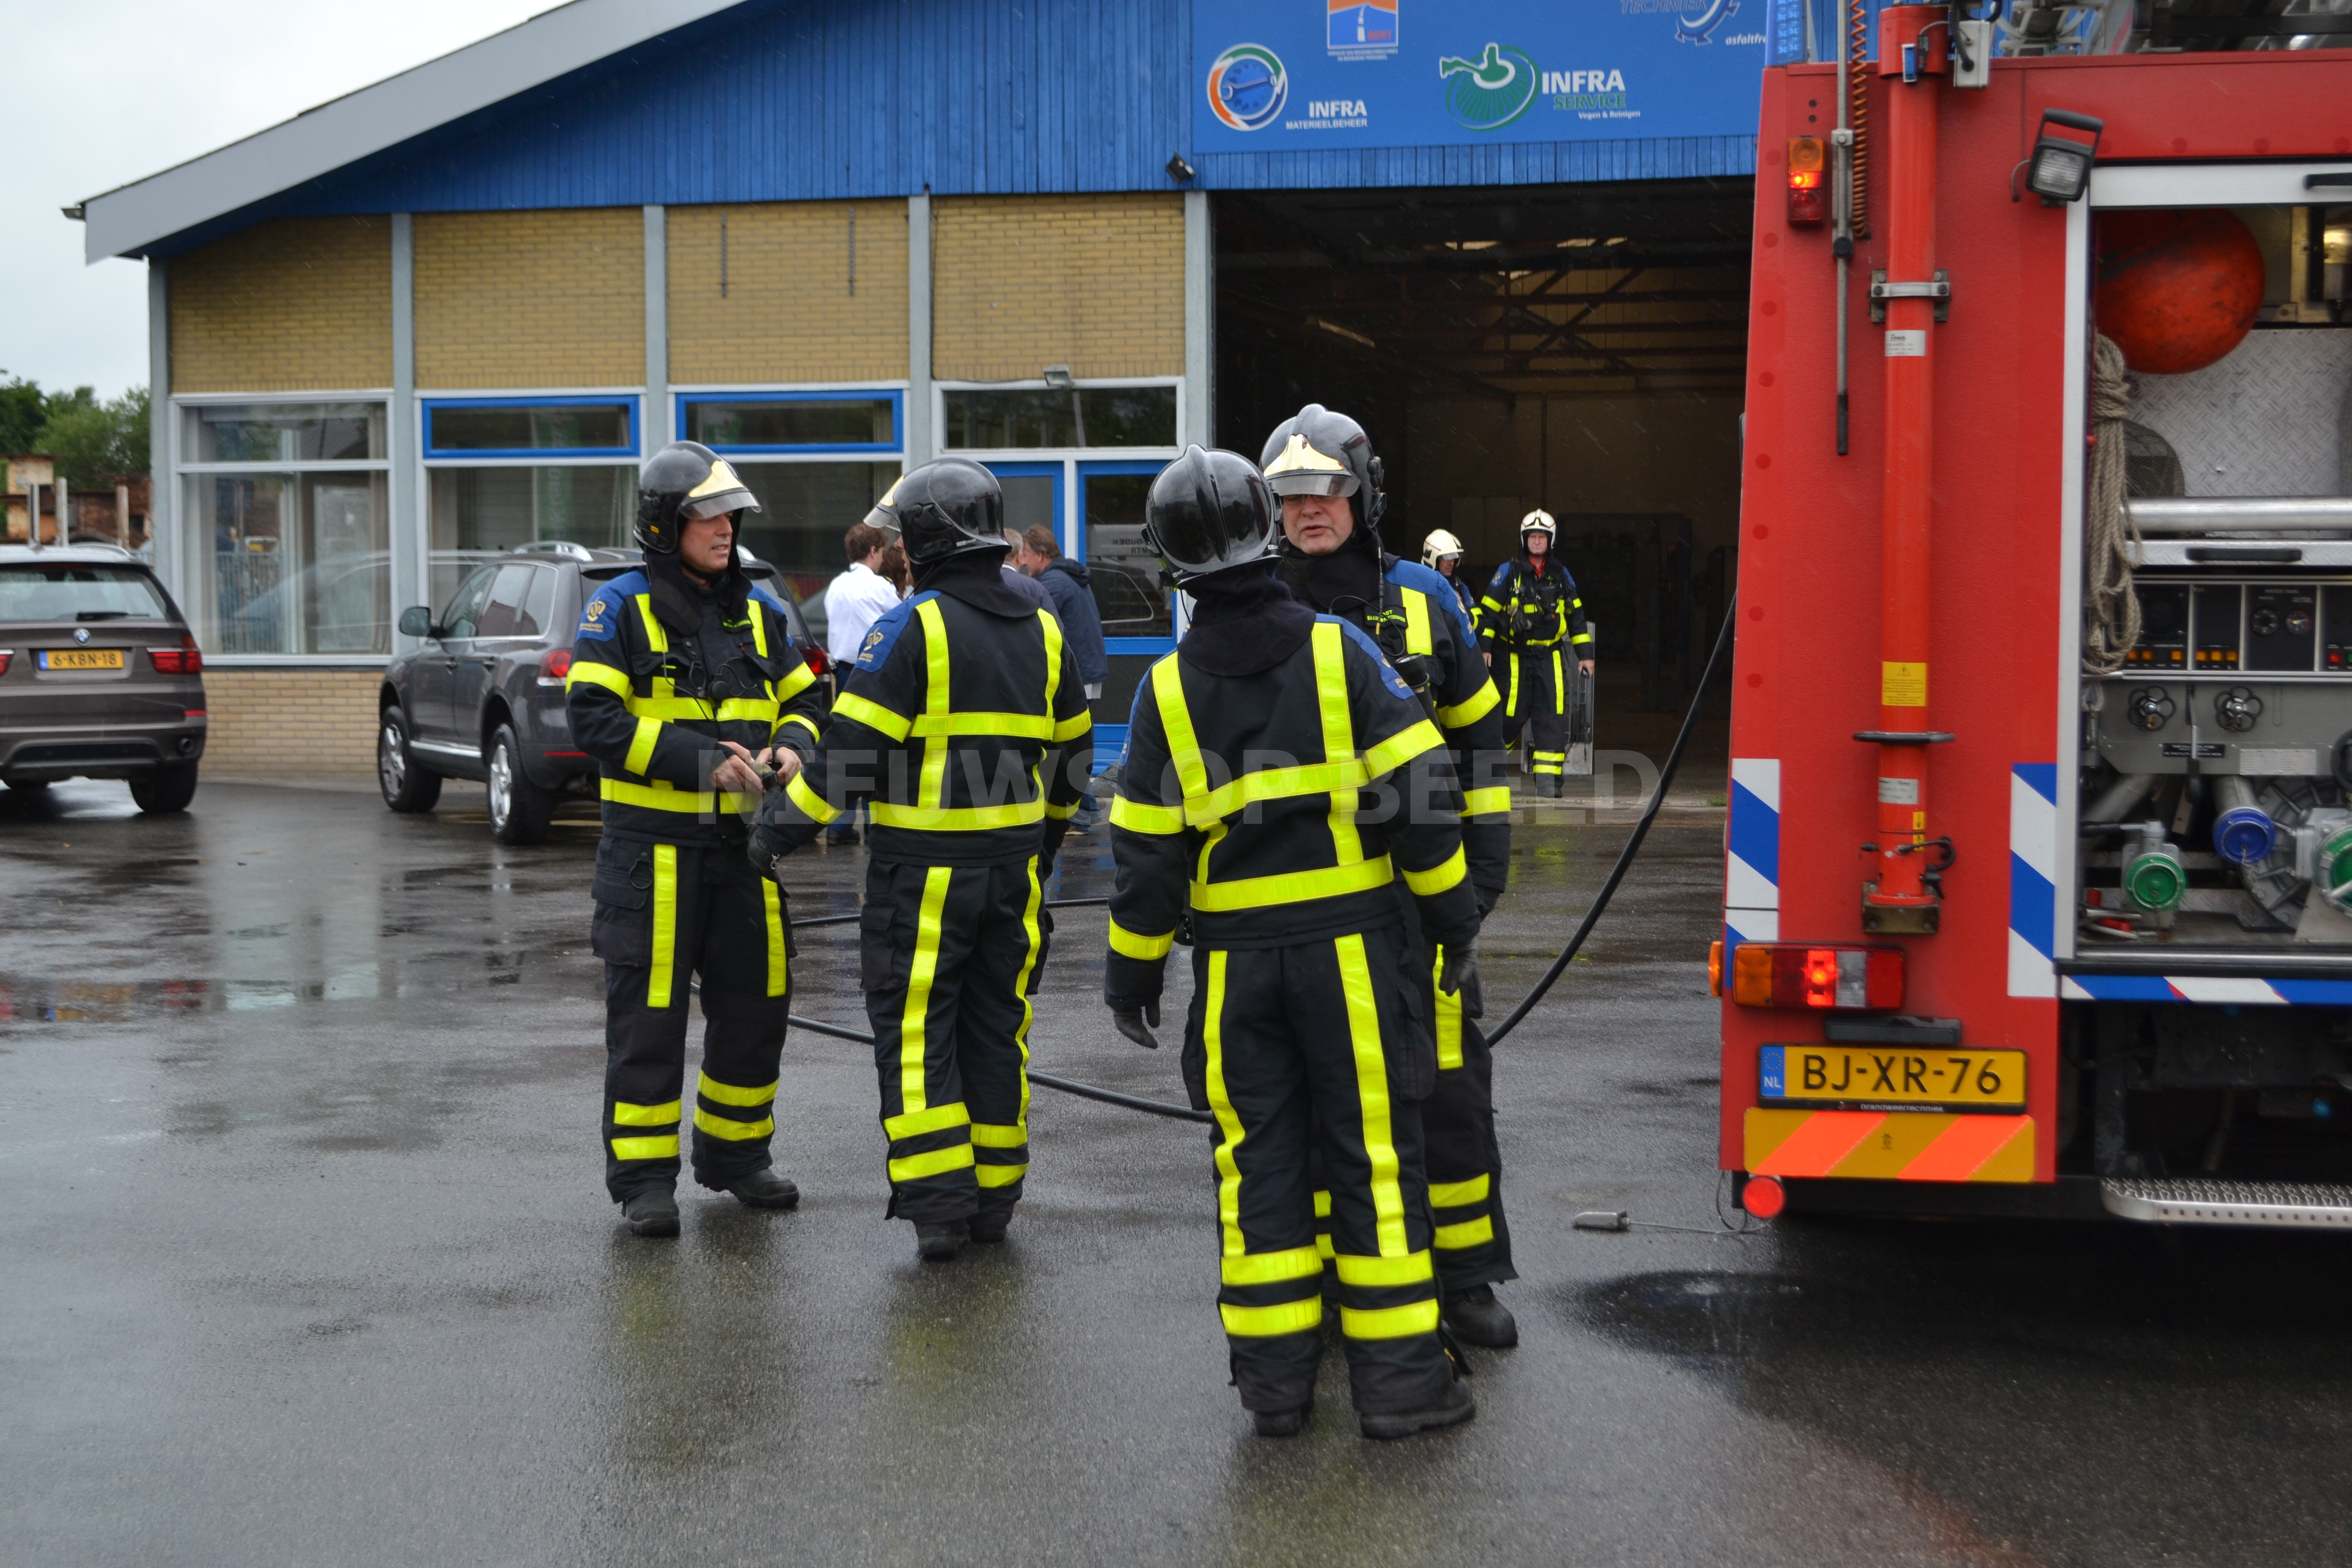 Lichtgewonden na brand in bedrijfspand Boonsweg Heinenoord